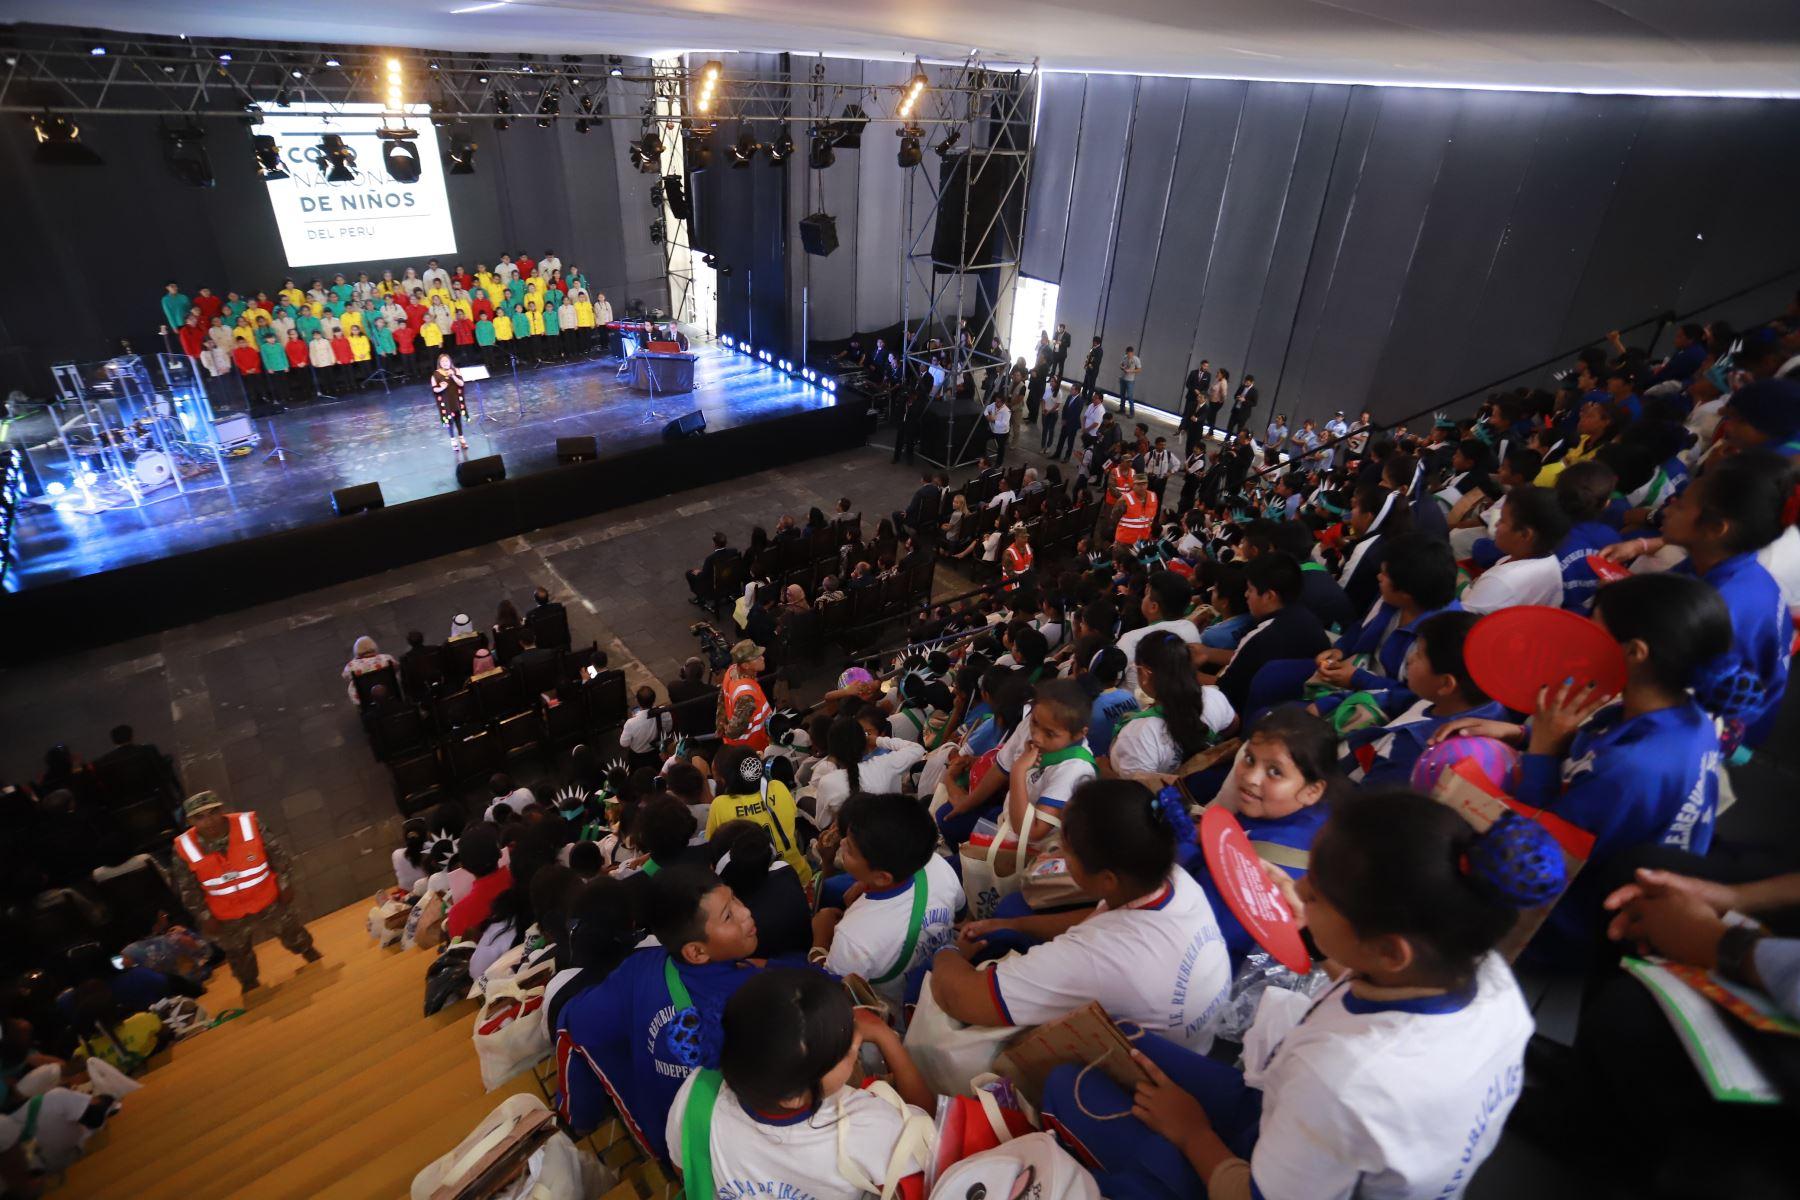 """El presidente Martín Vizcarra participó en la Feria multisectorial """"Mundo de ilusiones"""", iniciativa que promueve cultura, conocimiento y el desarrollo de valores. Foto :ANDINA/Prensa Presidencia"""